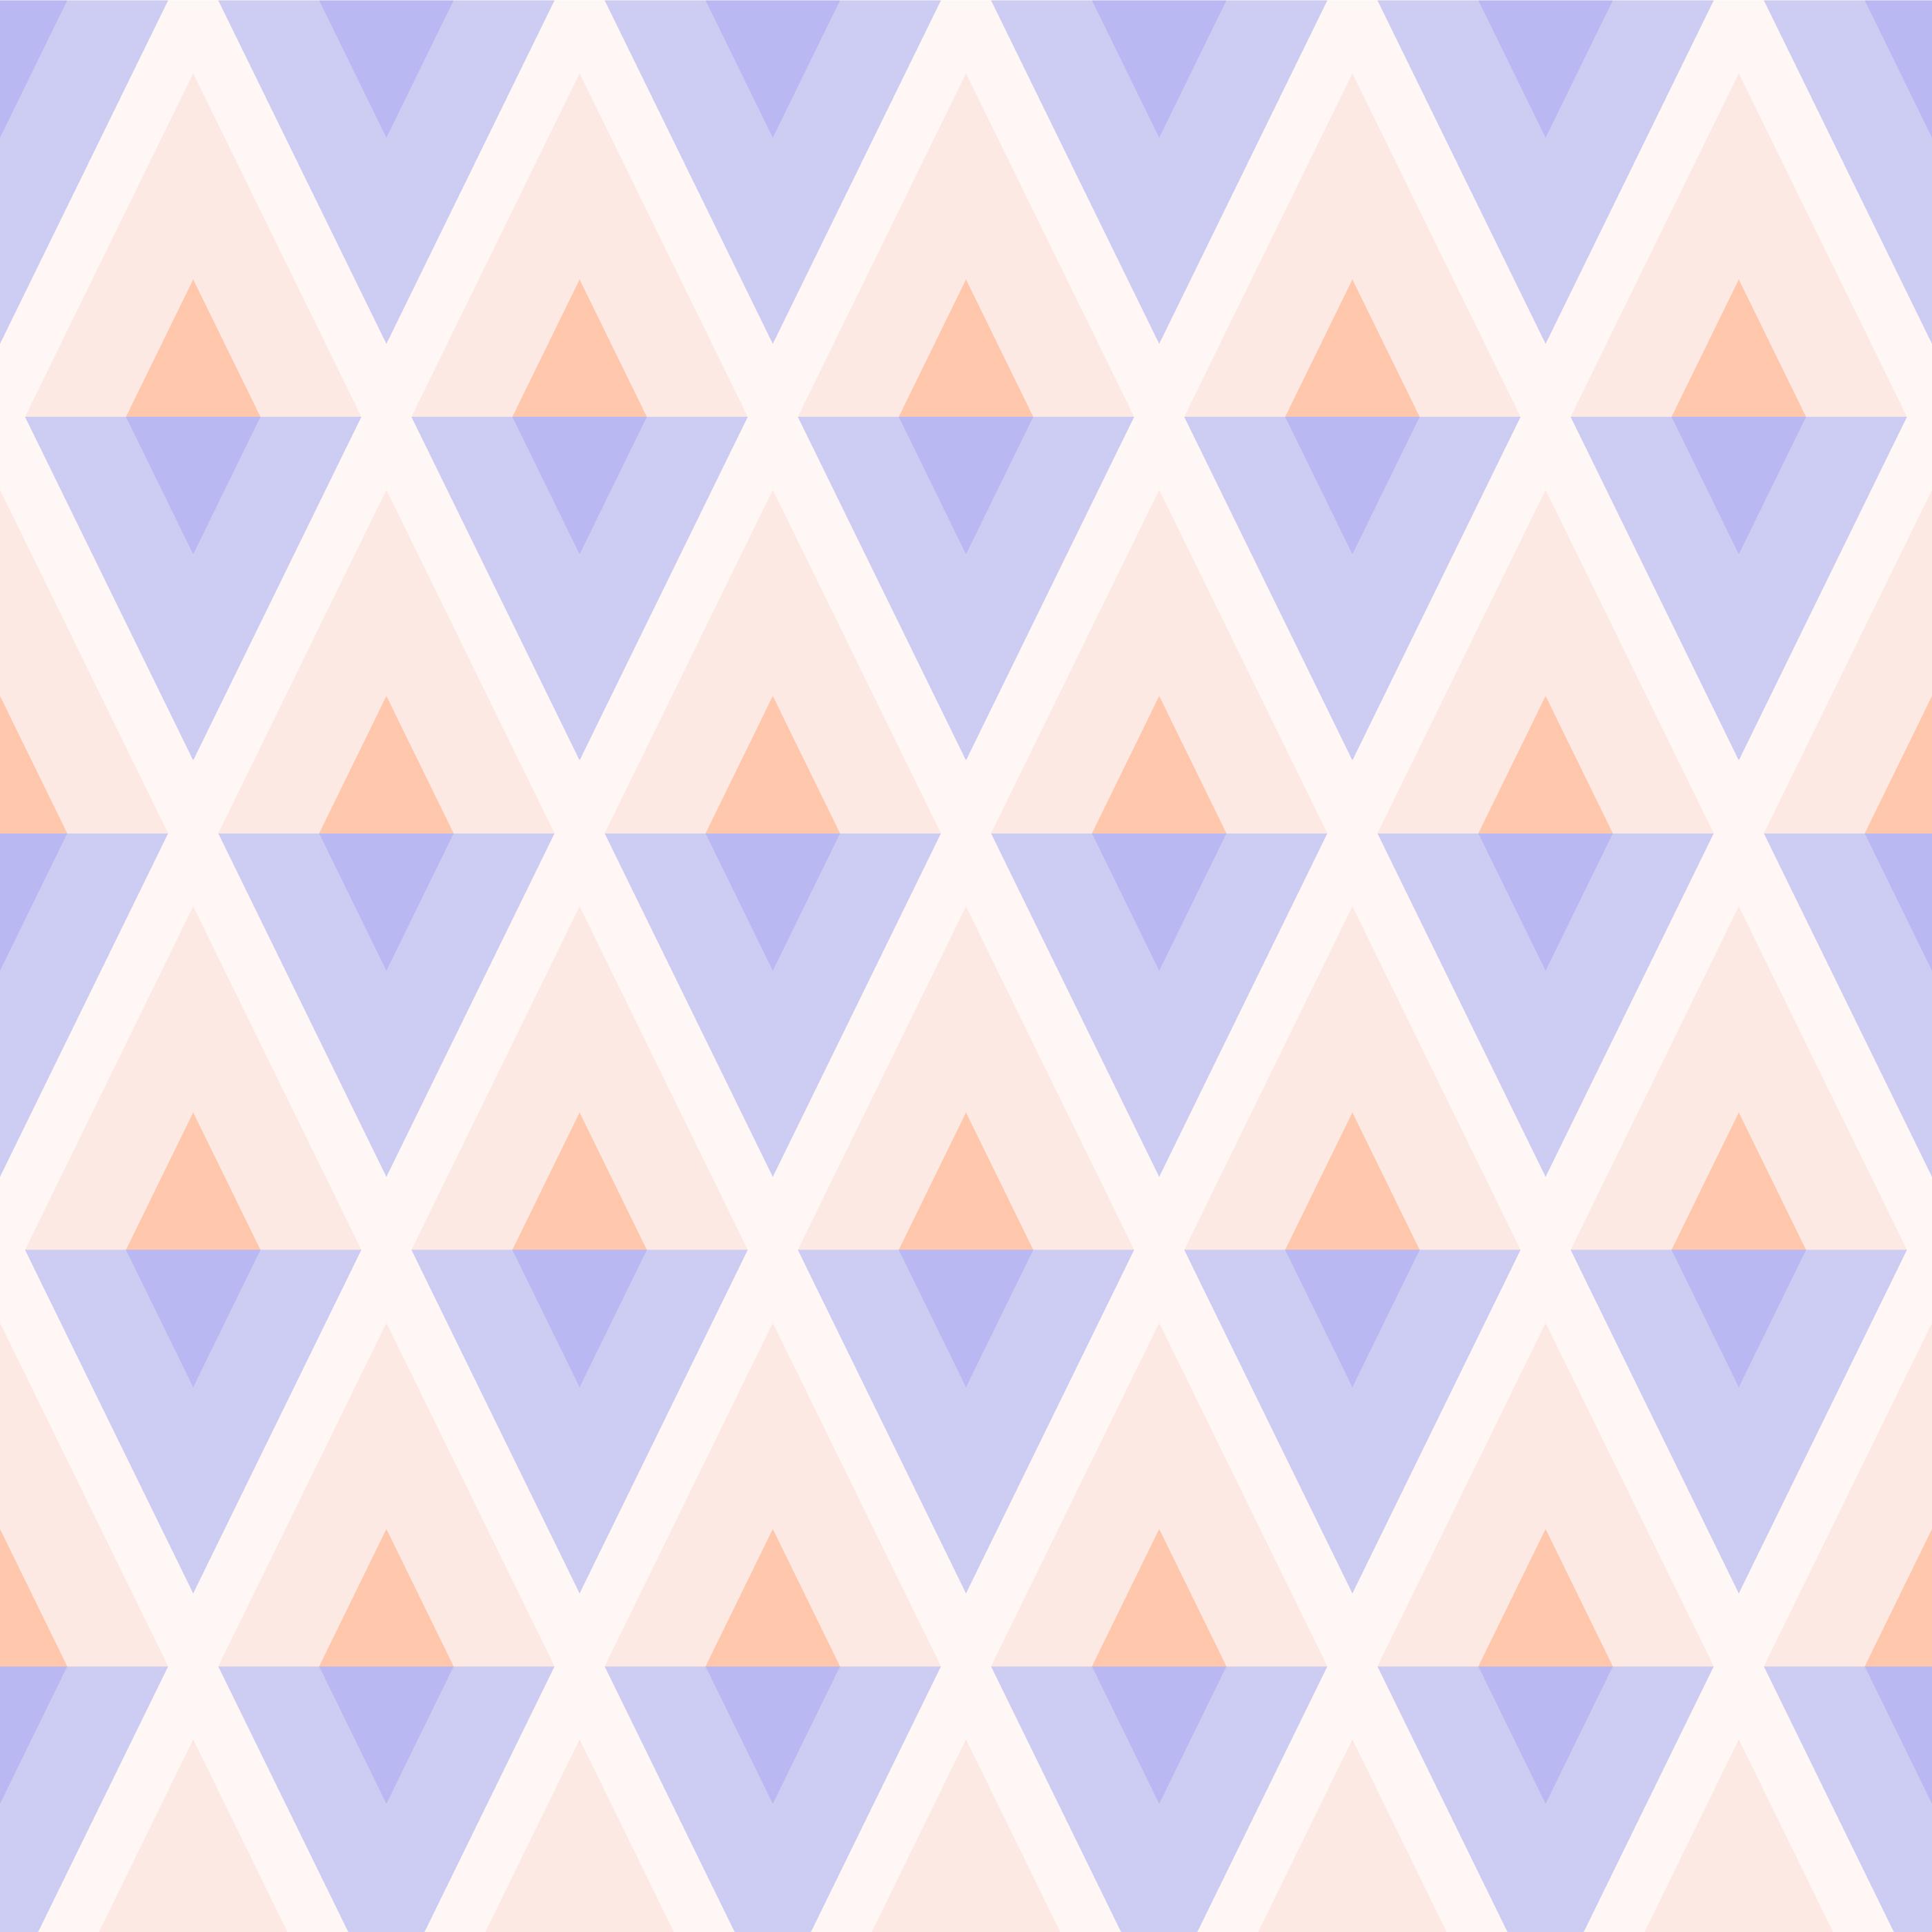 motif sans soudure géométrique arlequin pastel vecteur